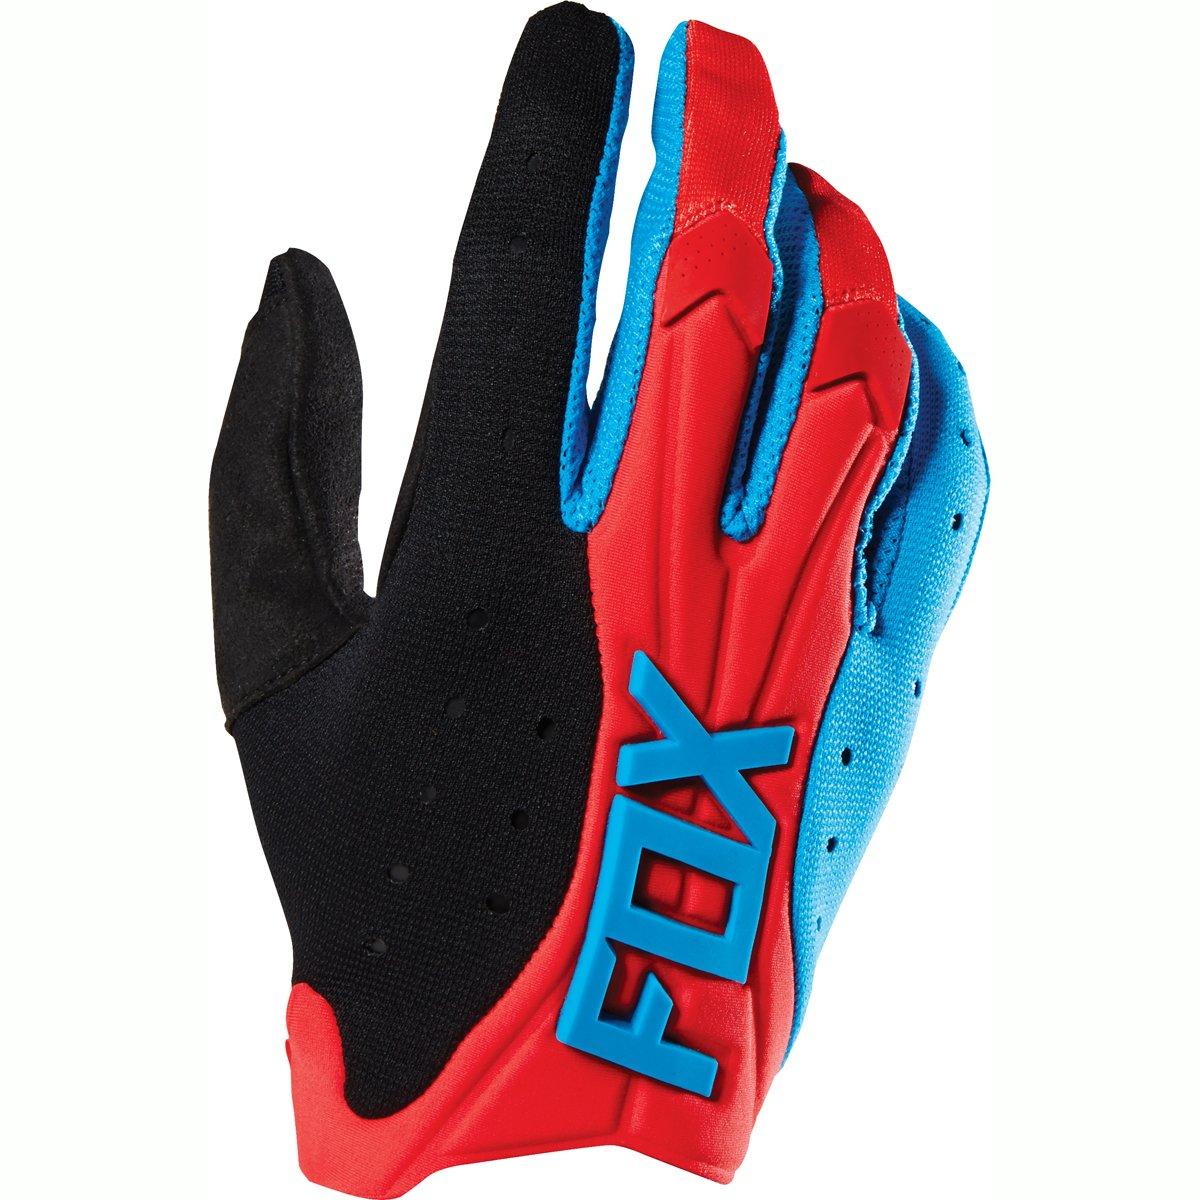 guante fox flexair azul/rojo talle m